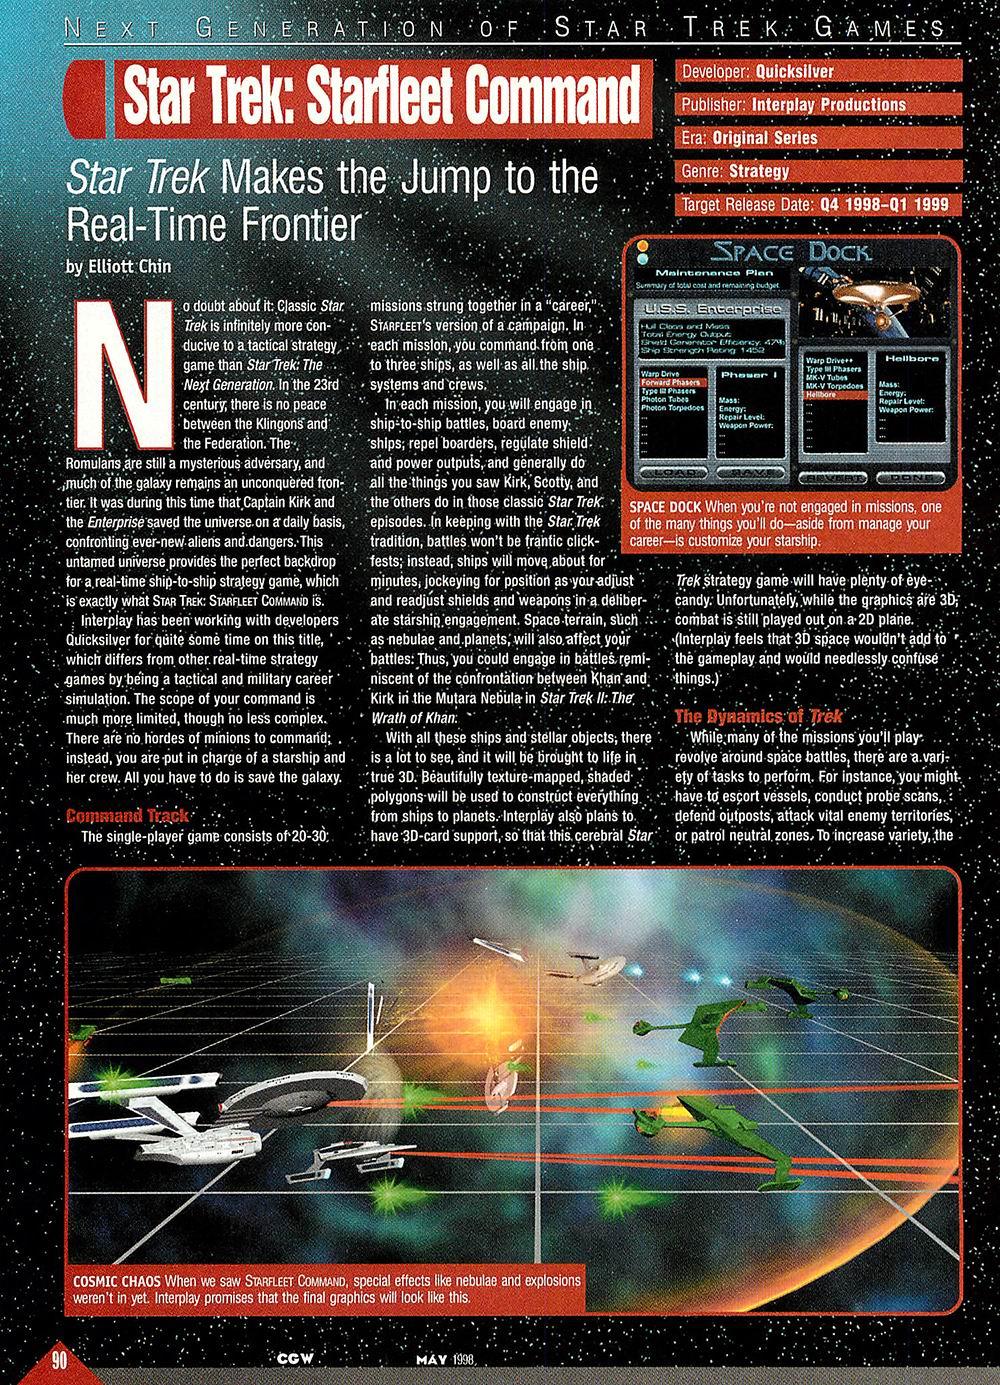 The Voice Of ODD!: Star Trek: Starfleet Command